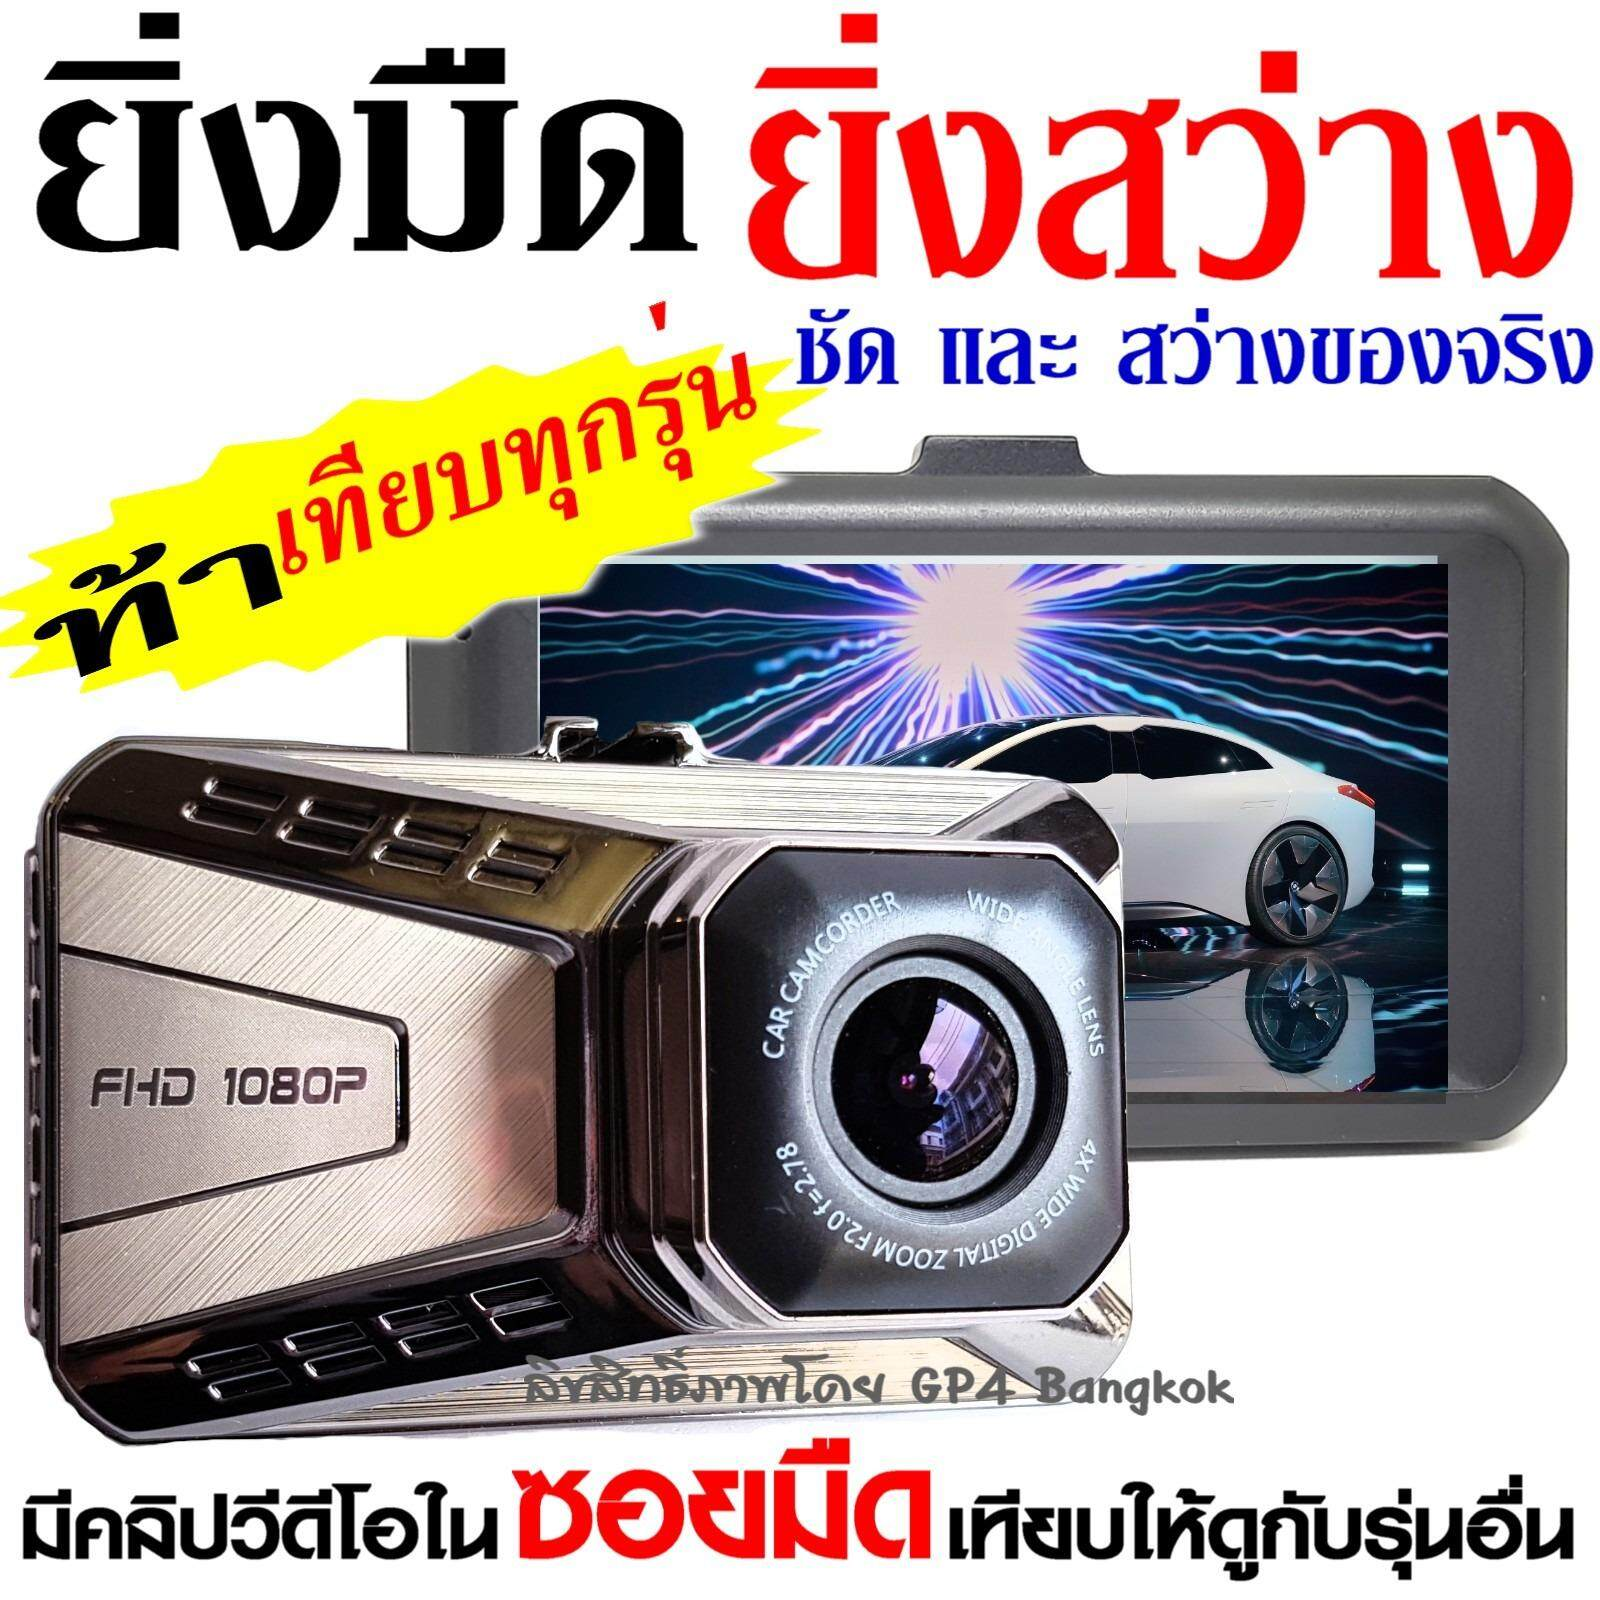 ทบทวน Gp4 กล้องติดรถยนต์ กลางคืนสว่างที่สุด Wdr Super Night Vision Ldws เตือนออกนอกเลนส์ Fcws เตือนรถใกล้คันหน้าเกินไป Parking Monitor บอดี้โลหะ จอใหญ่ 3 0นิ้ว Fhd 1080P เมนูไทย รุ่น T990Se Silver มีคลิปวีดีโอในซอยมืดเปรียบเทียบกับรุ่นอื่นให้ดู